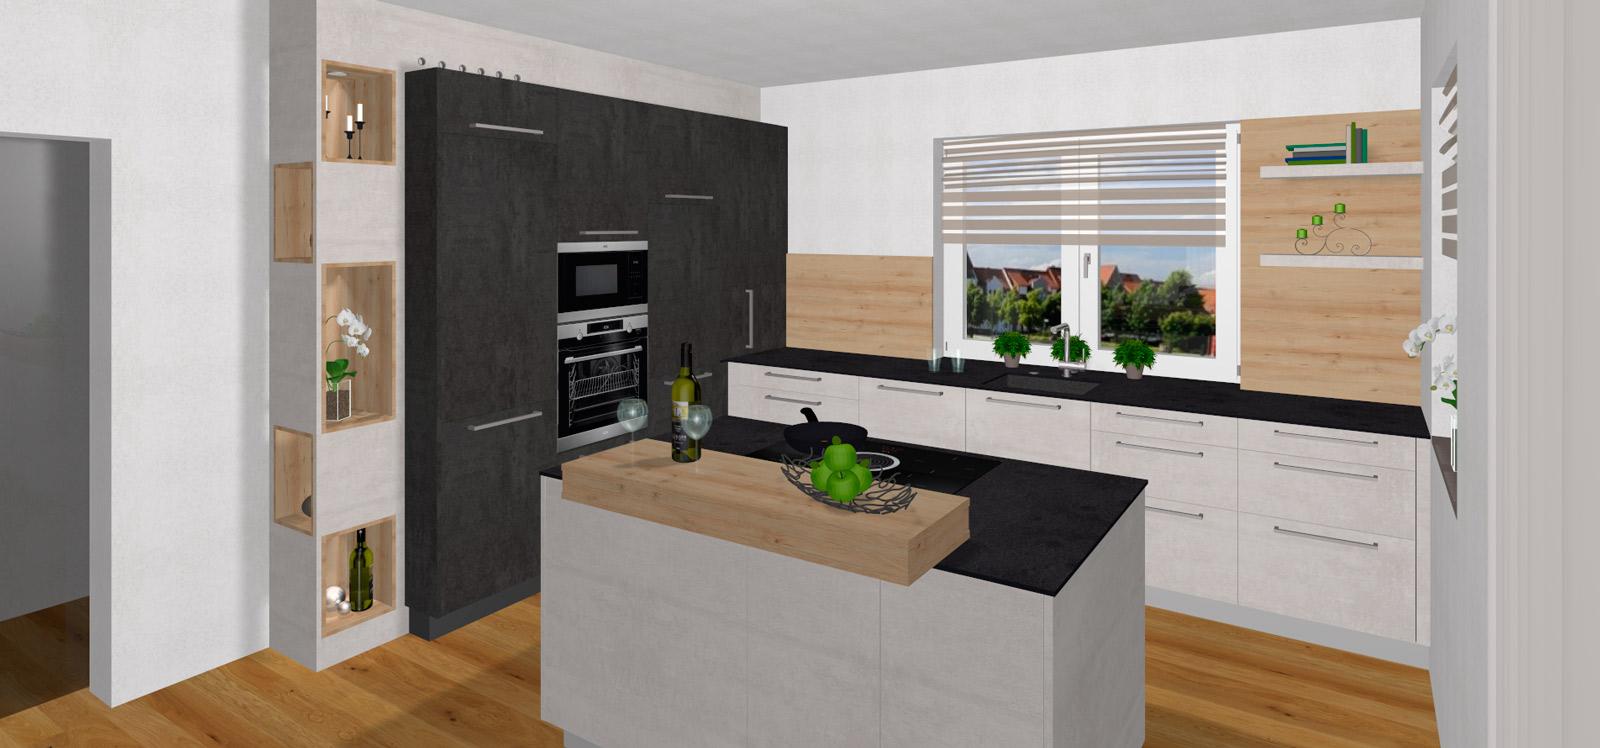 Full Size of Freistehende Arbeitsfläche Küche Freistehender Schrank Küche Küche Freistehende Elemente Ikea Freistehende Arbeitsplatte Küche Küche Freistehende Küche